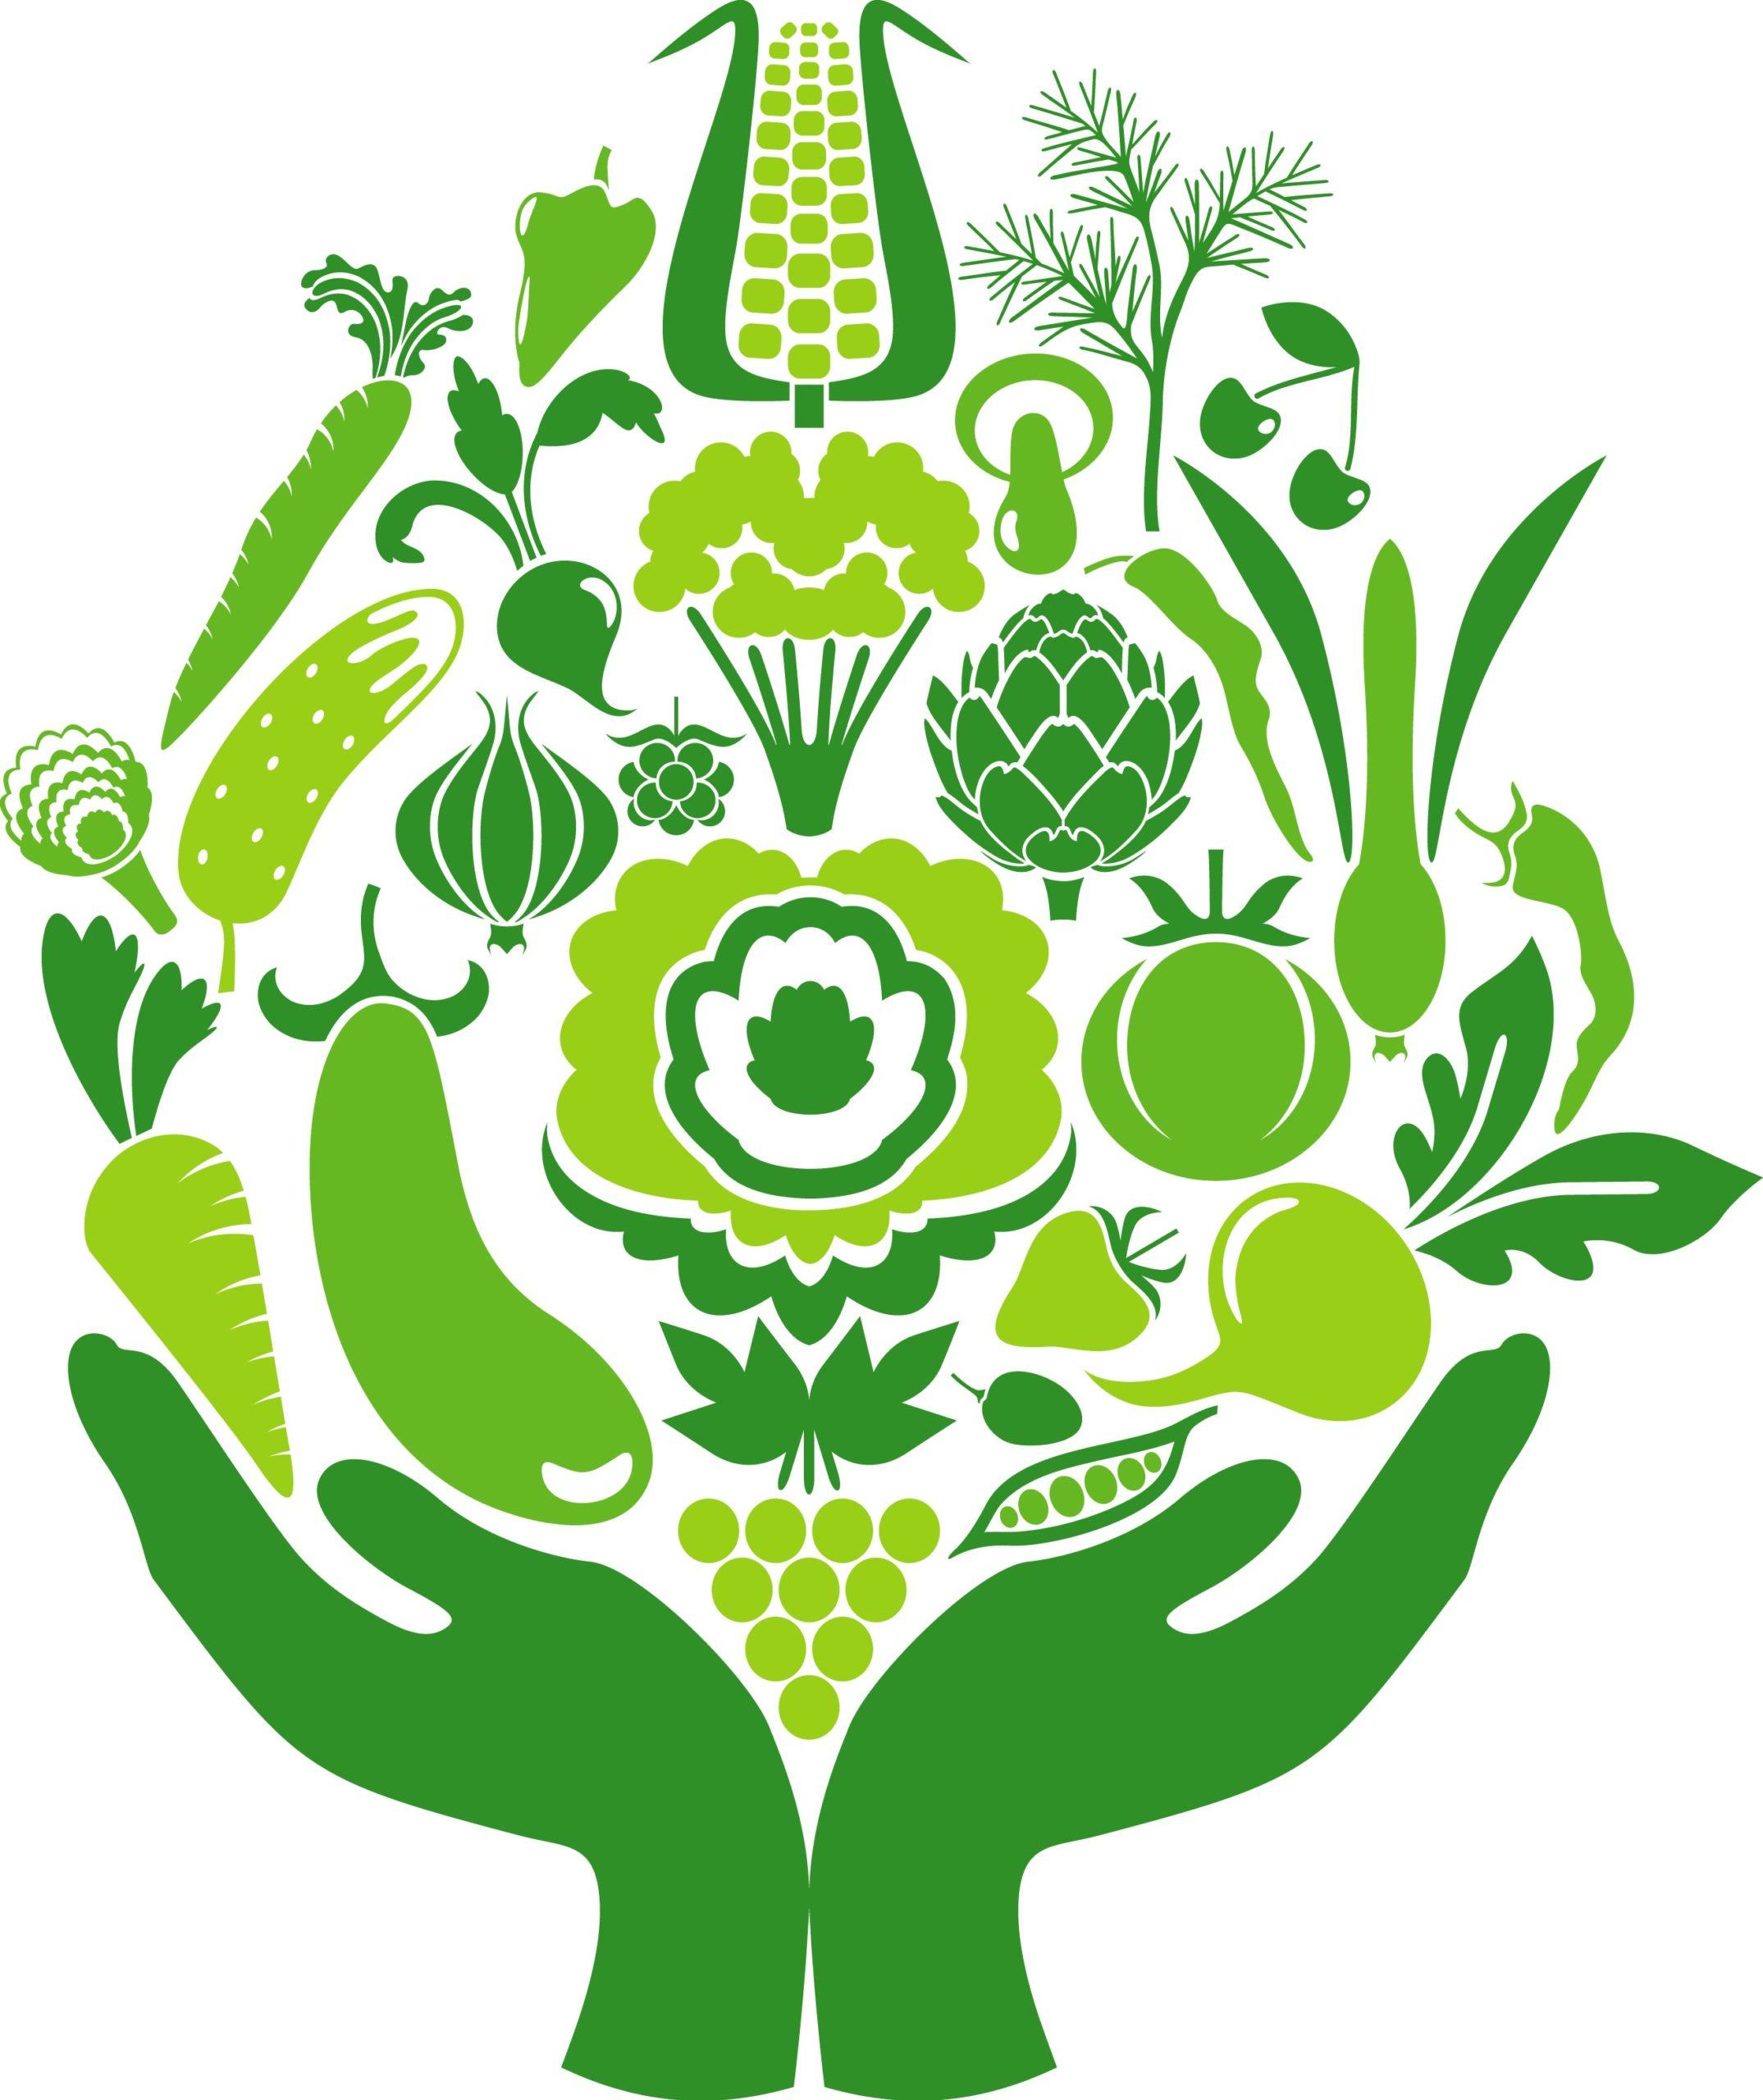 Les fruits et légumes devraient faire partie de votre menu tous les jours.